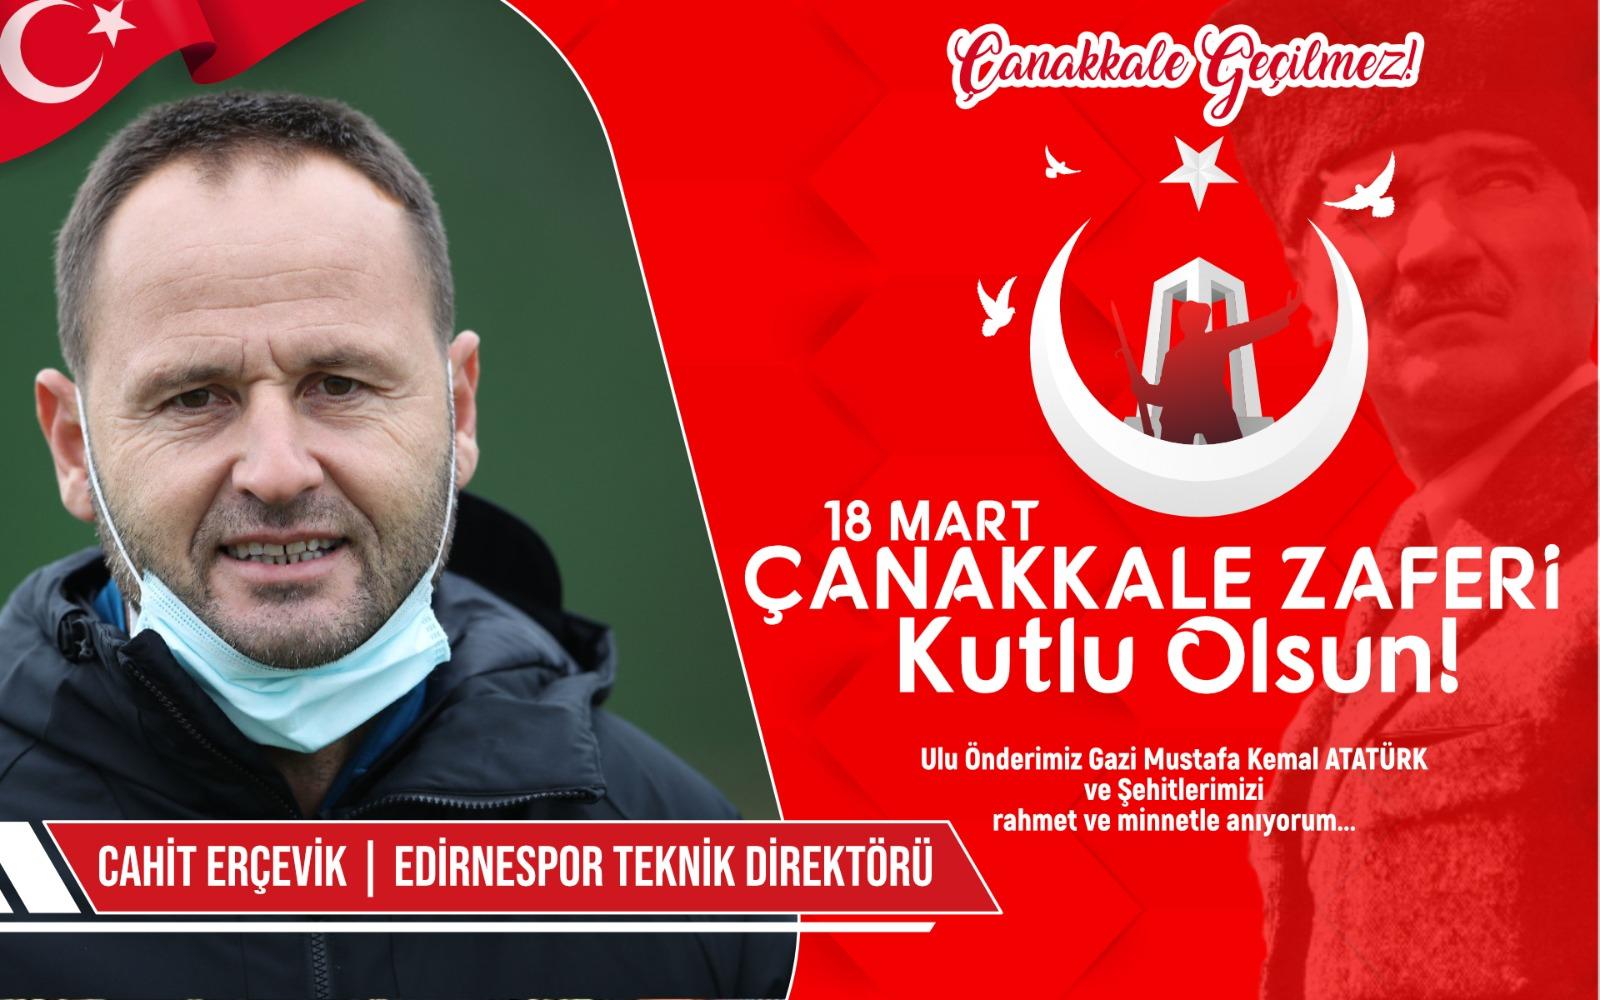 Edirnespor teknik Direktörü Cahit Erçevik'ten Kutlama ve Anma Mesajı